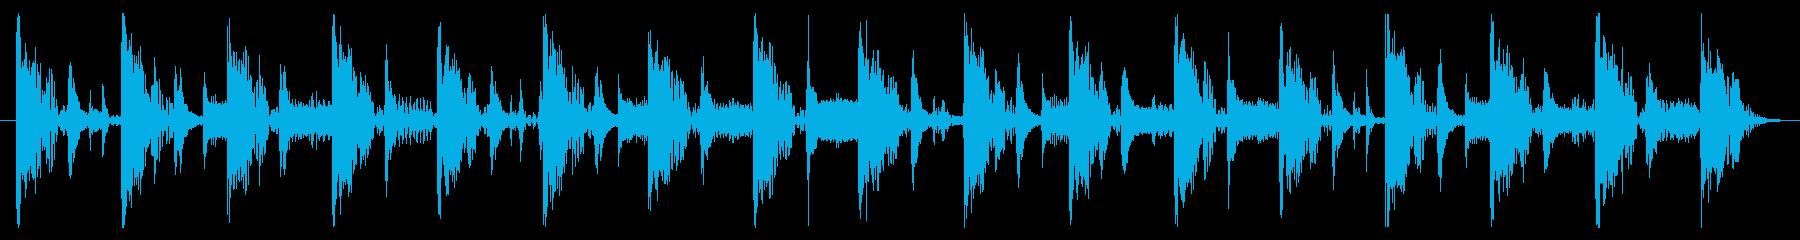 ベース生演奏のクールスラップジングル07の再生済みの波形